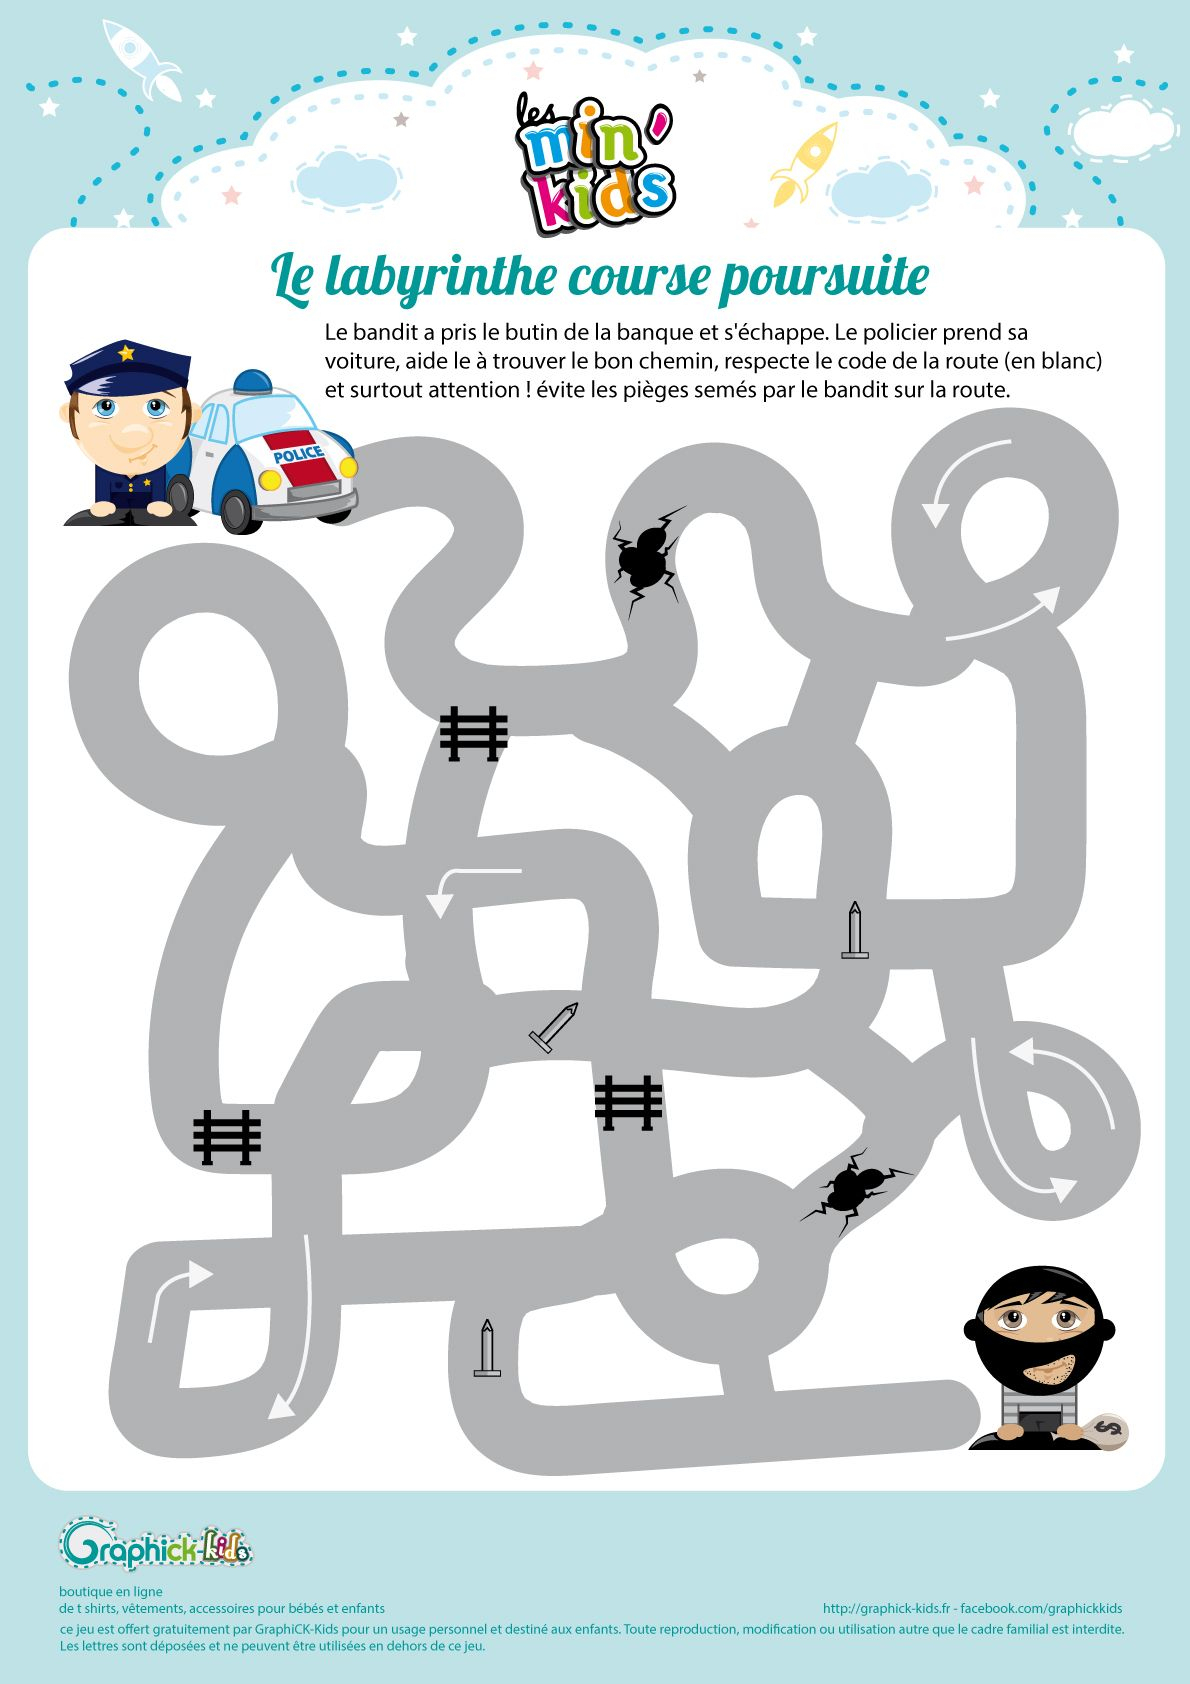 L'activité Du Mercredi : Le Labyrinthe Course Poursuite pour Jeu De Pompier Gratuit